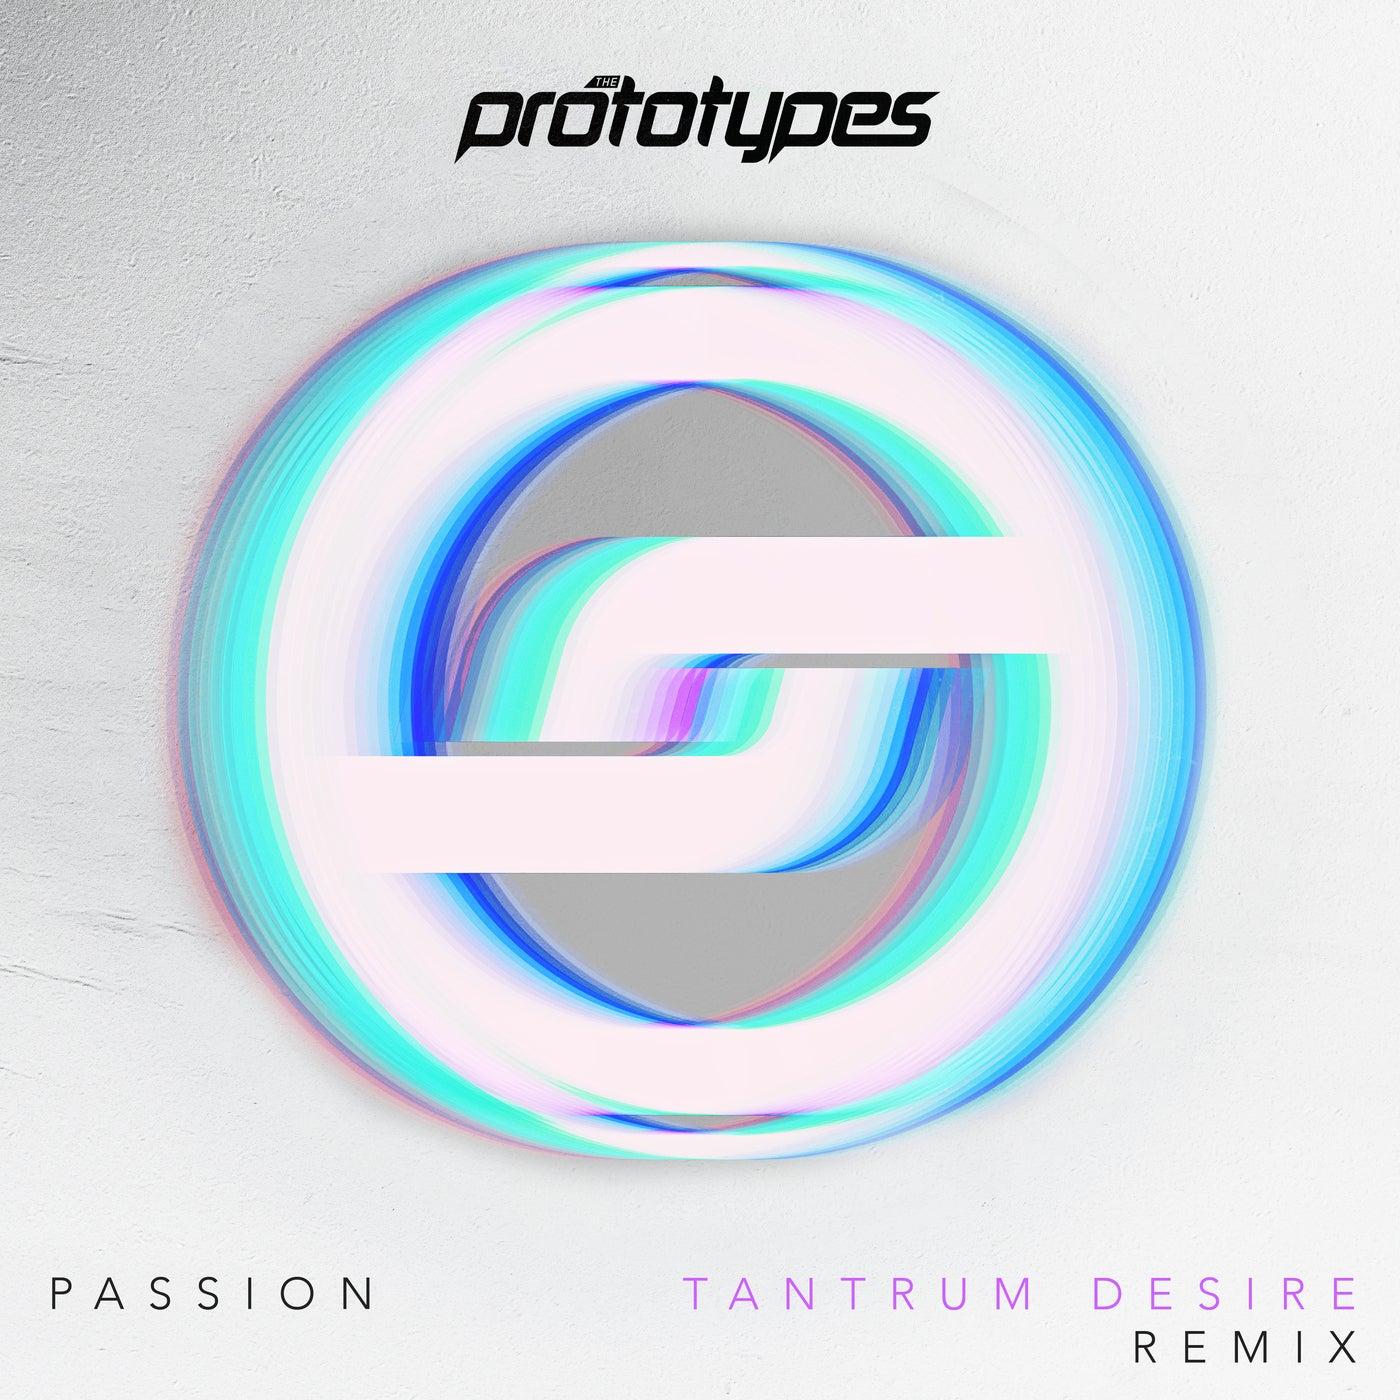 Passion (Tantrum Desire Remix)